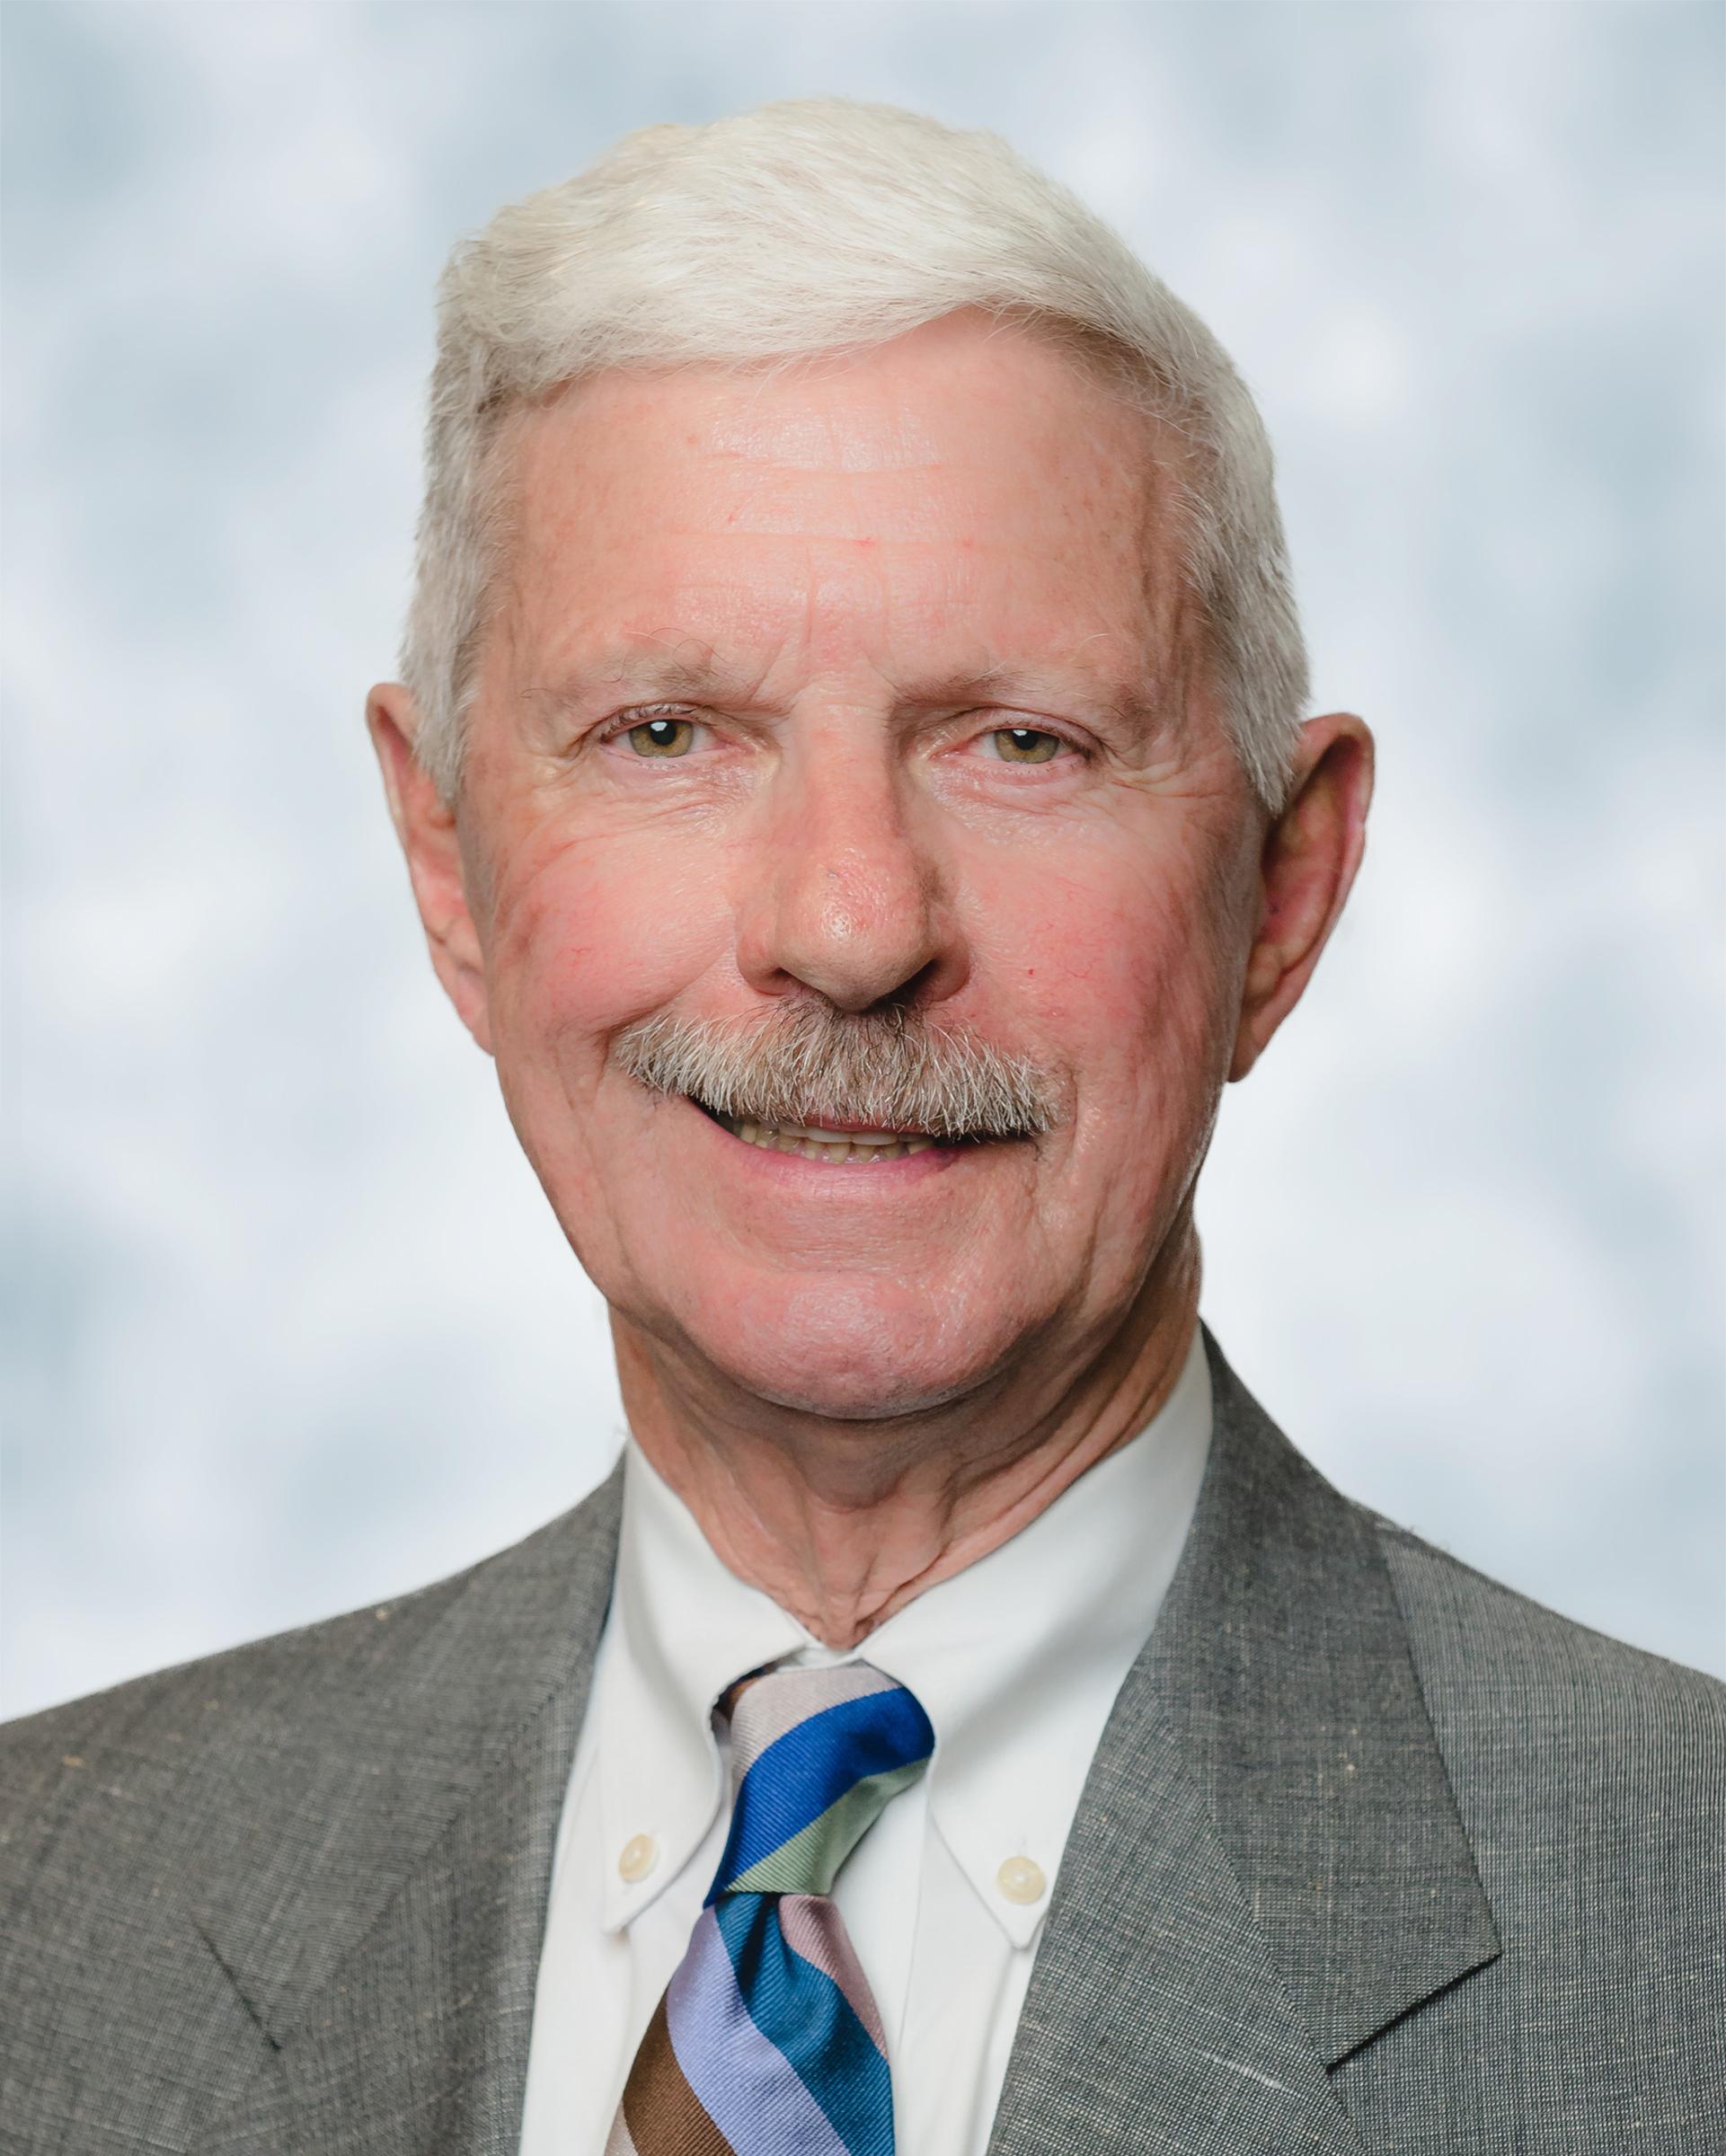 Mr. Bill Rivenbark